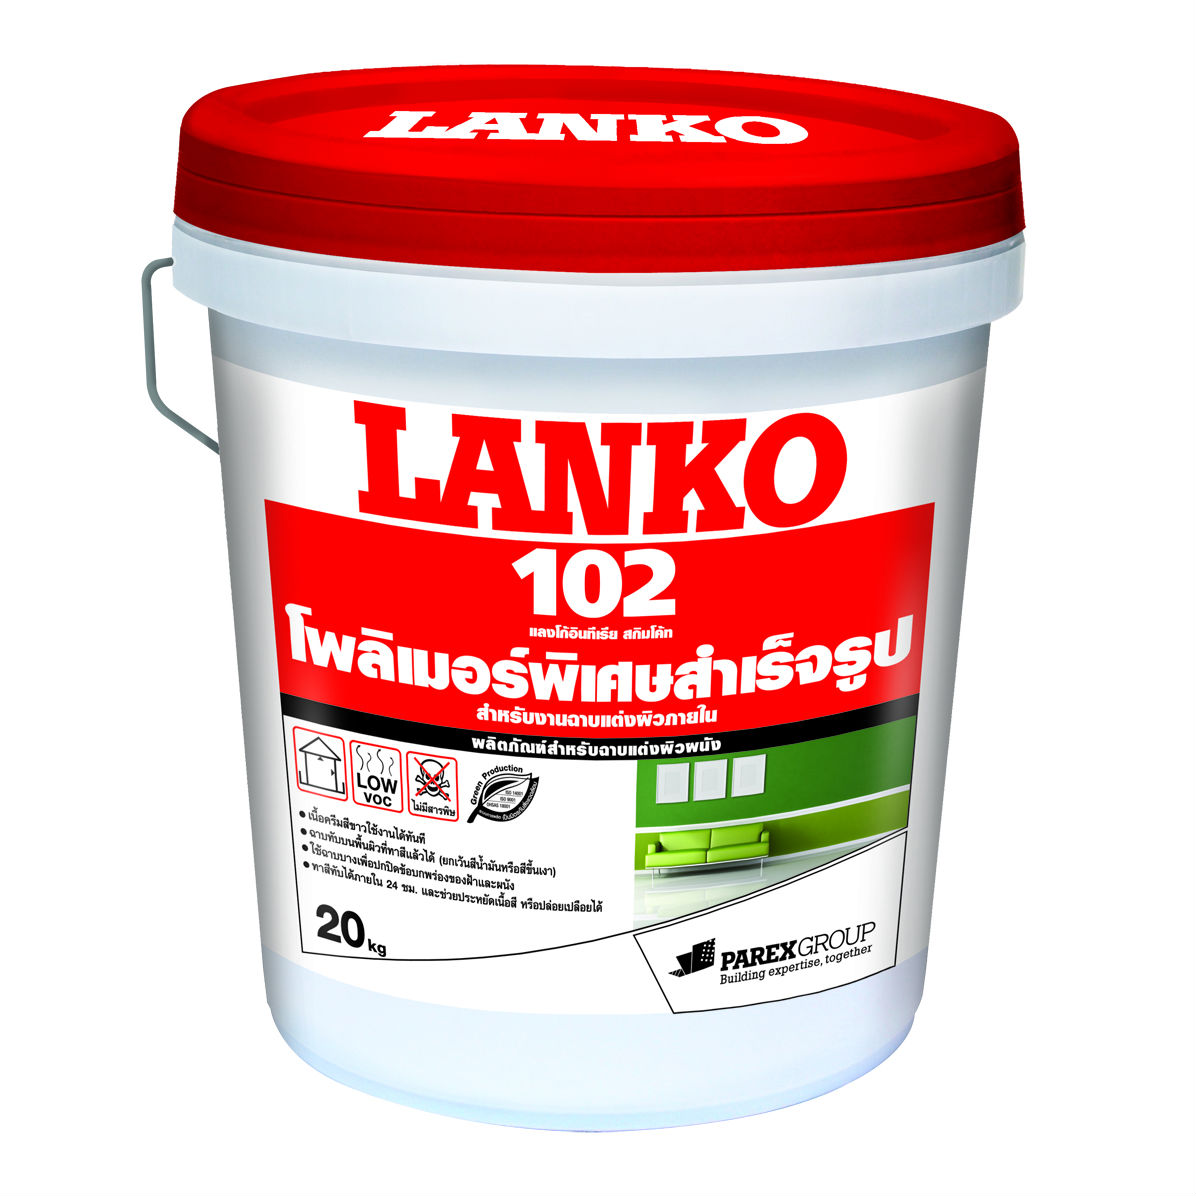 LANKO 102